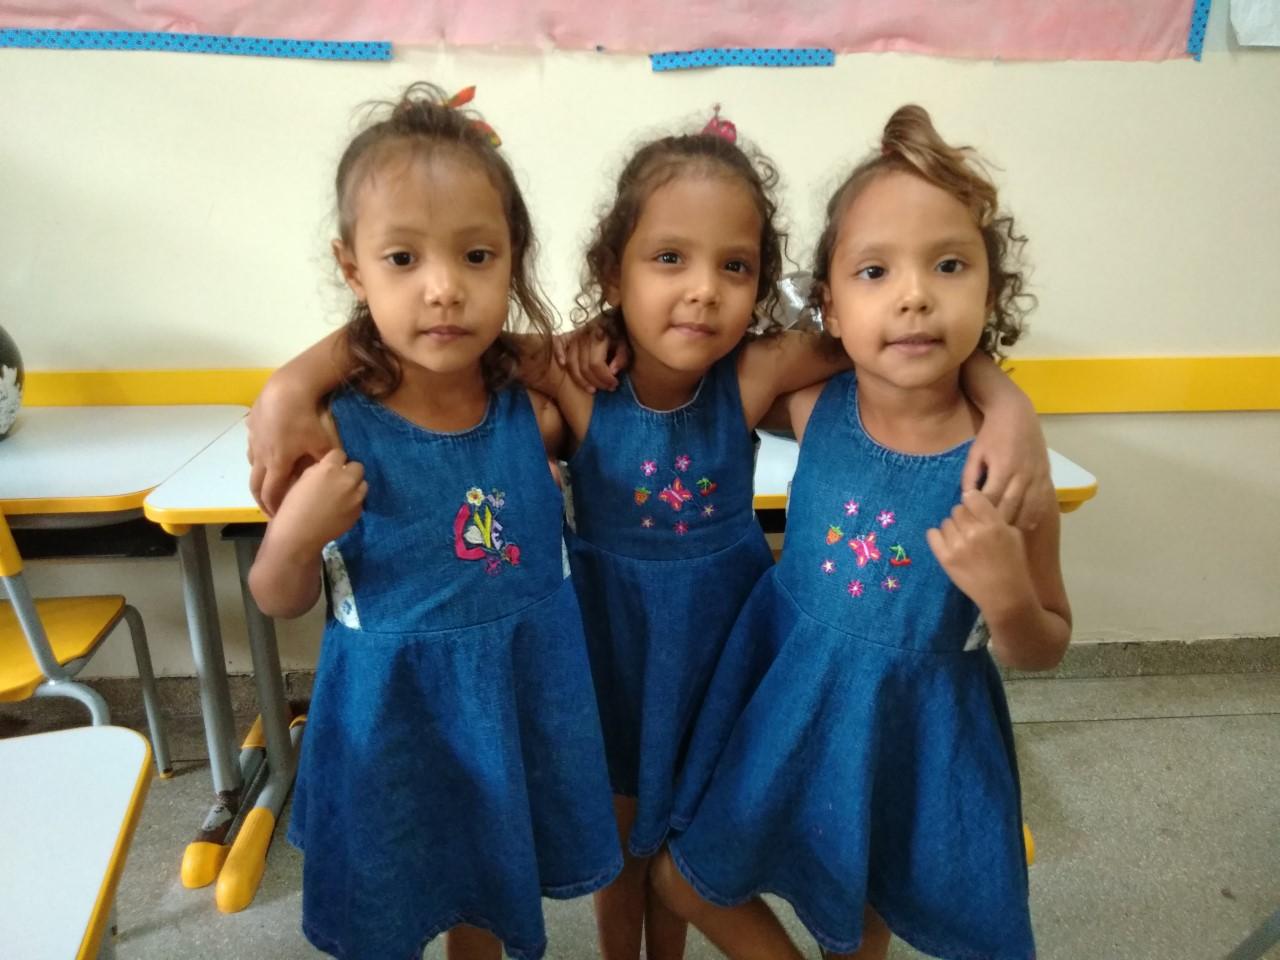 Unidas desde o ventre da mãe, trigêmeas iniciam a vida escolar na mesma sala de aula em Gurupi (TO)